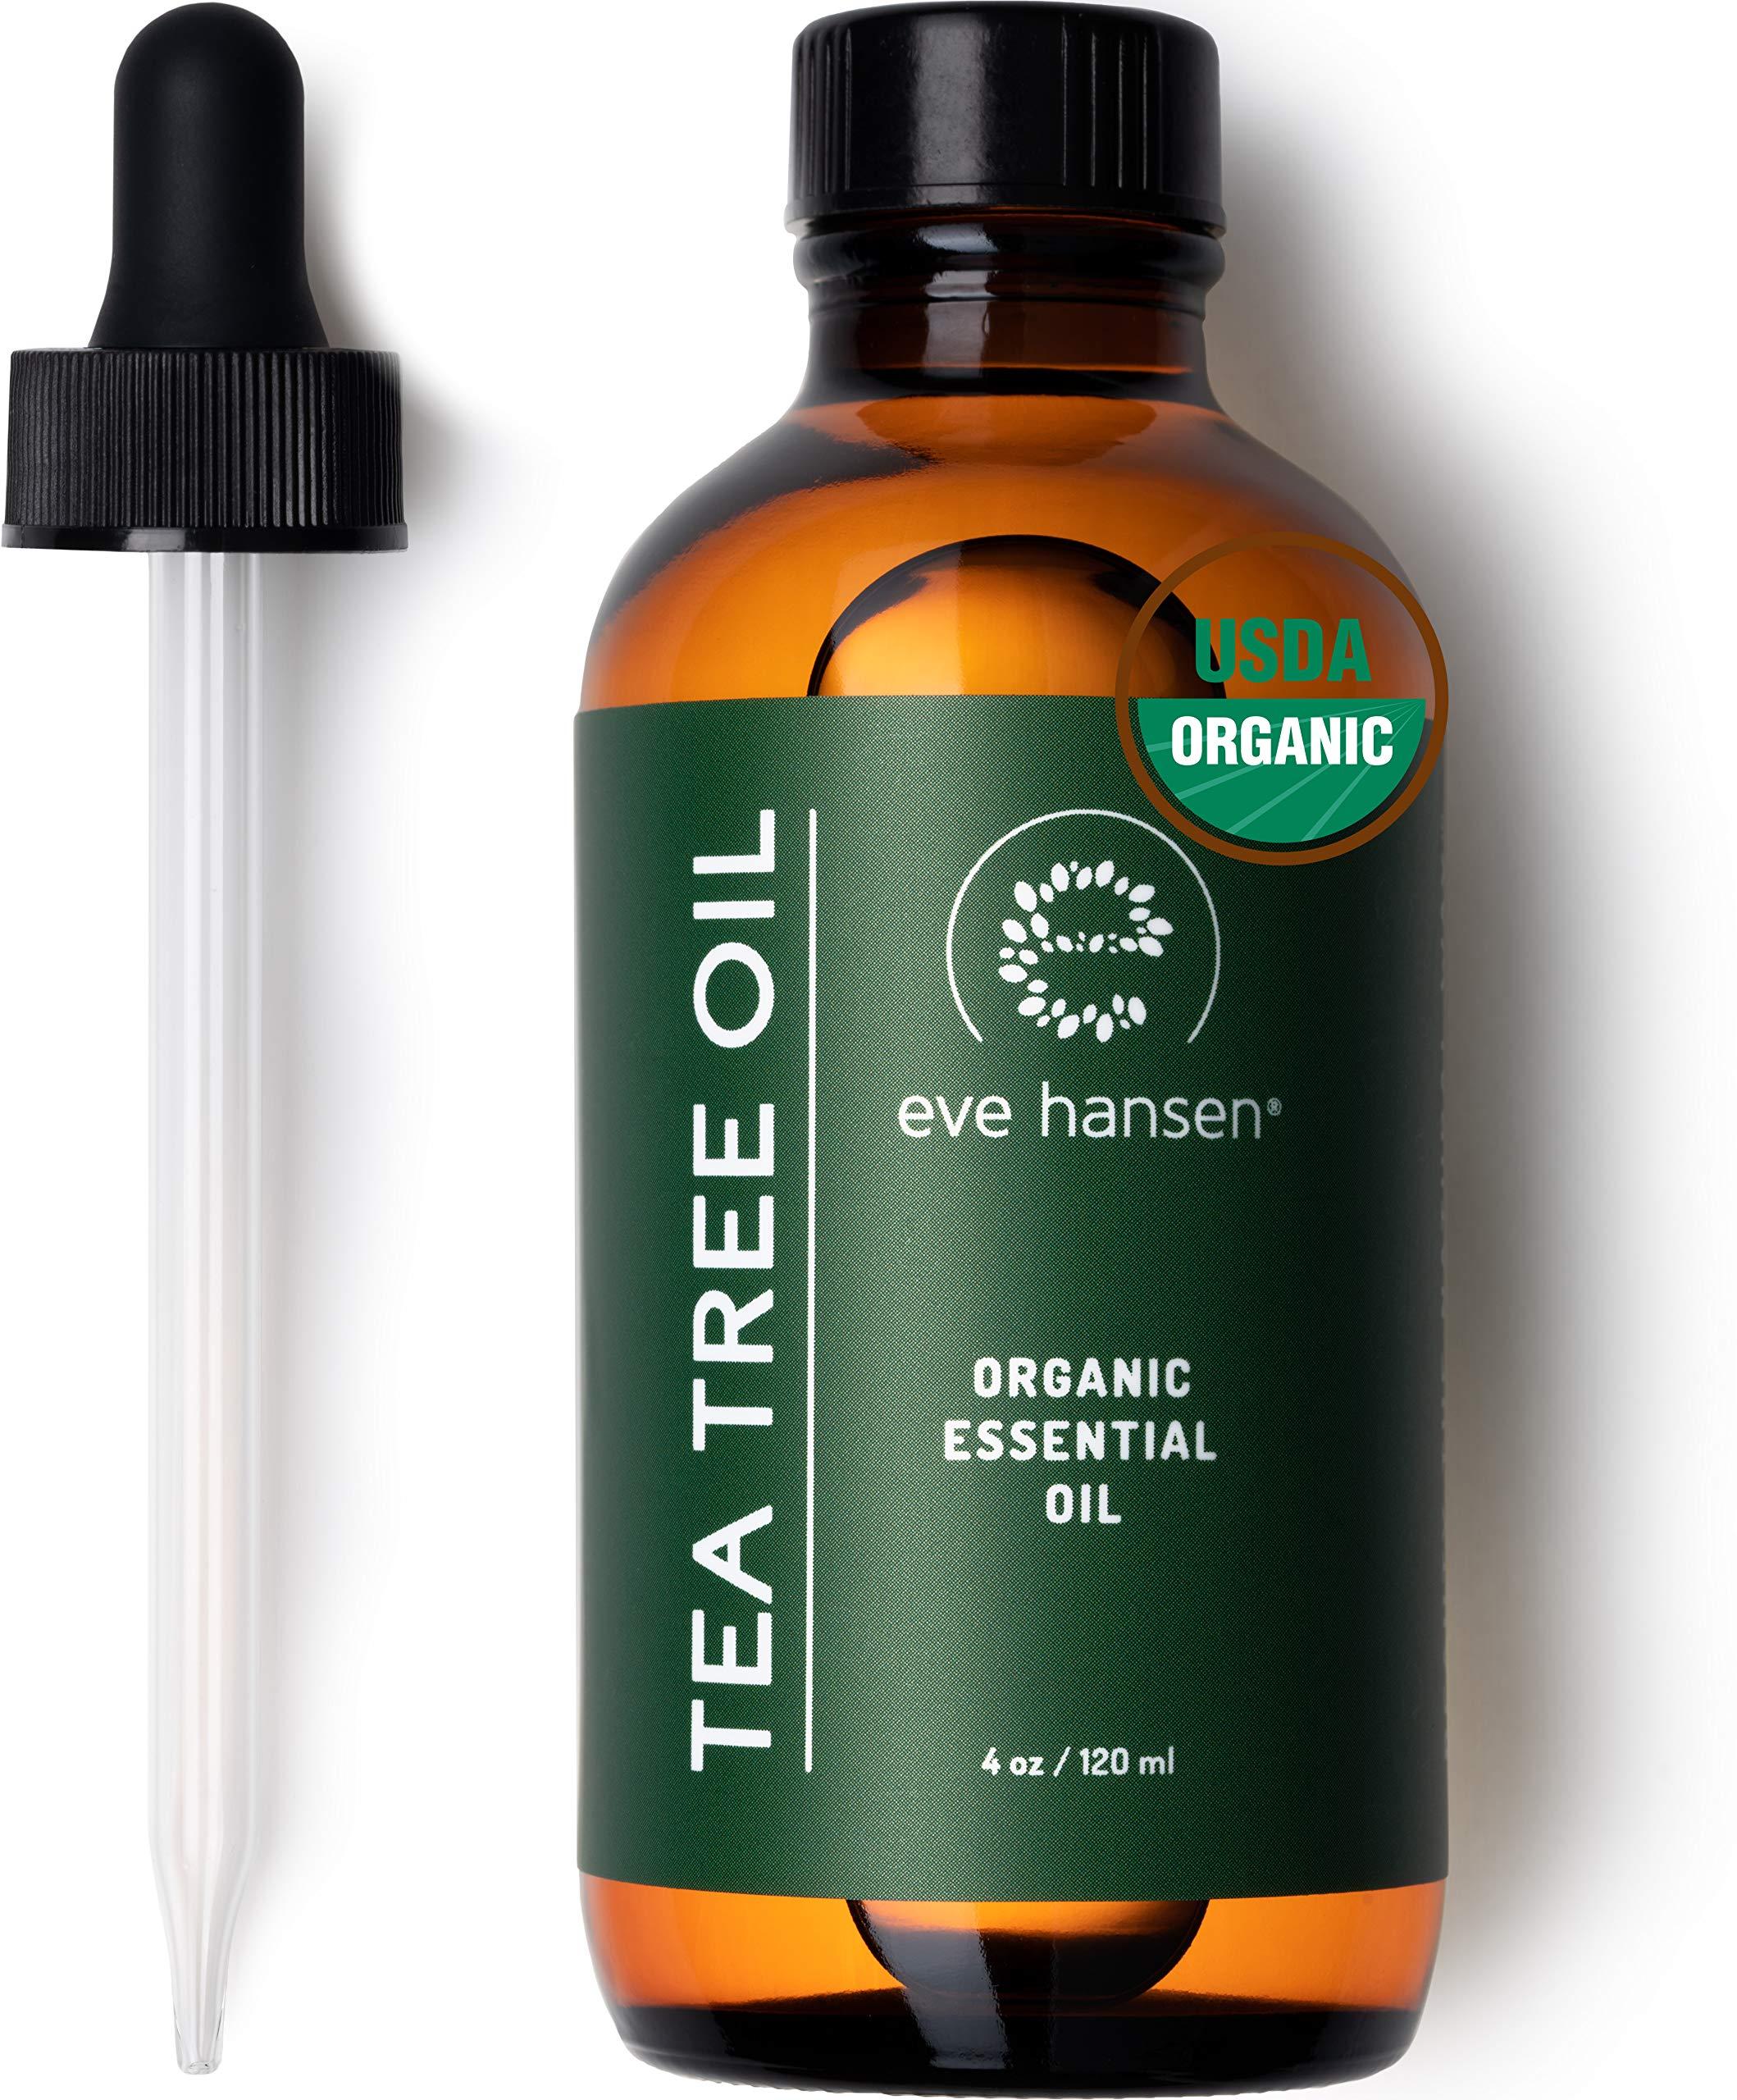 Eve hansen organic tea tree oil